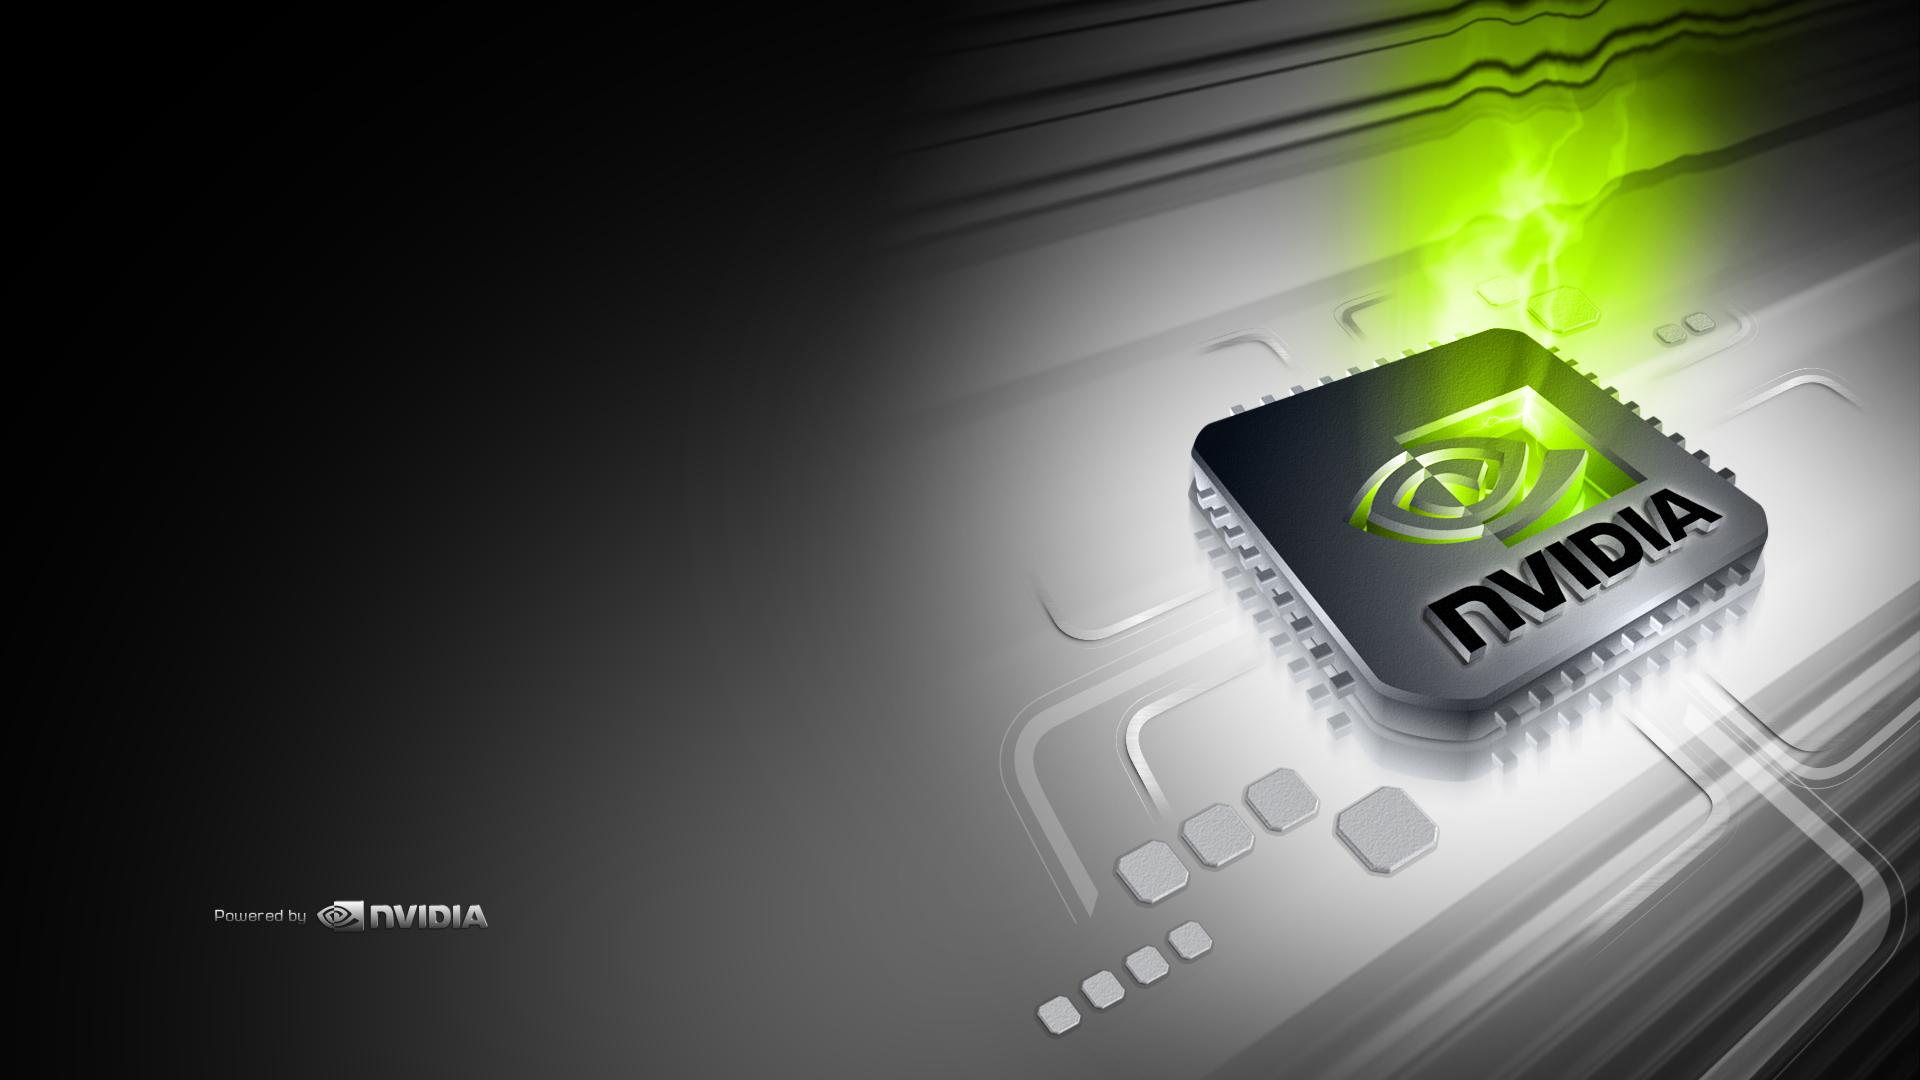 nvidia-wallpaper-widescreen